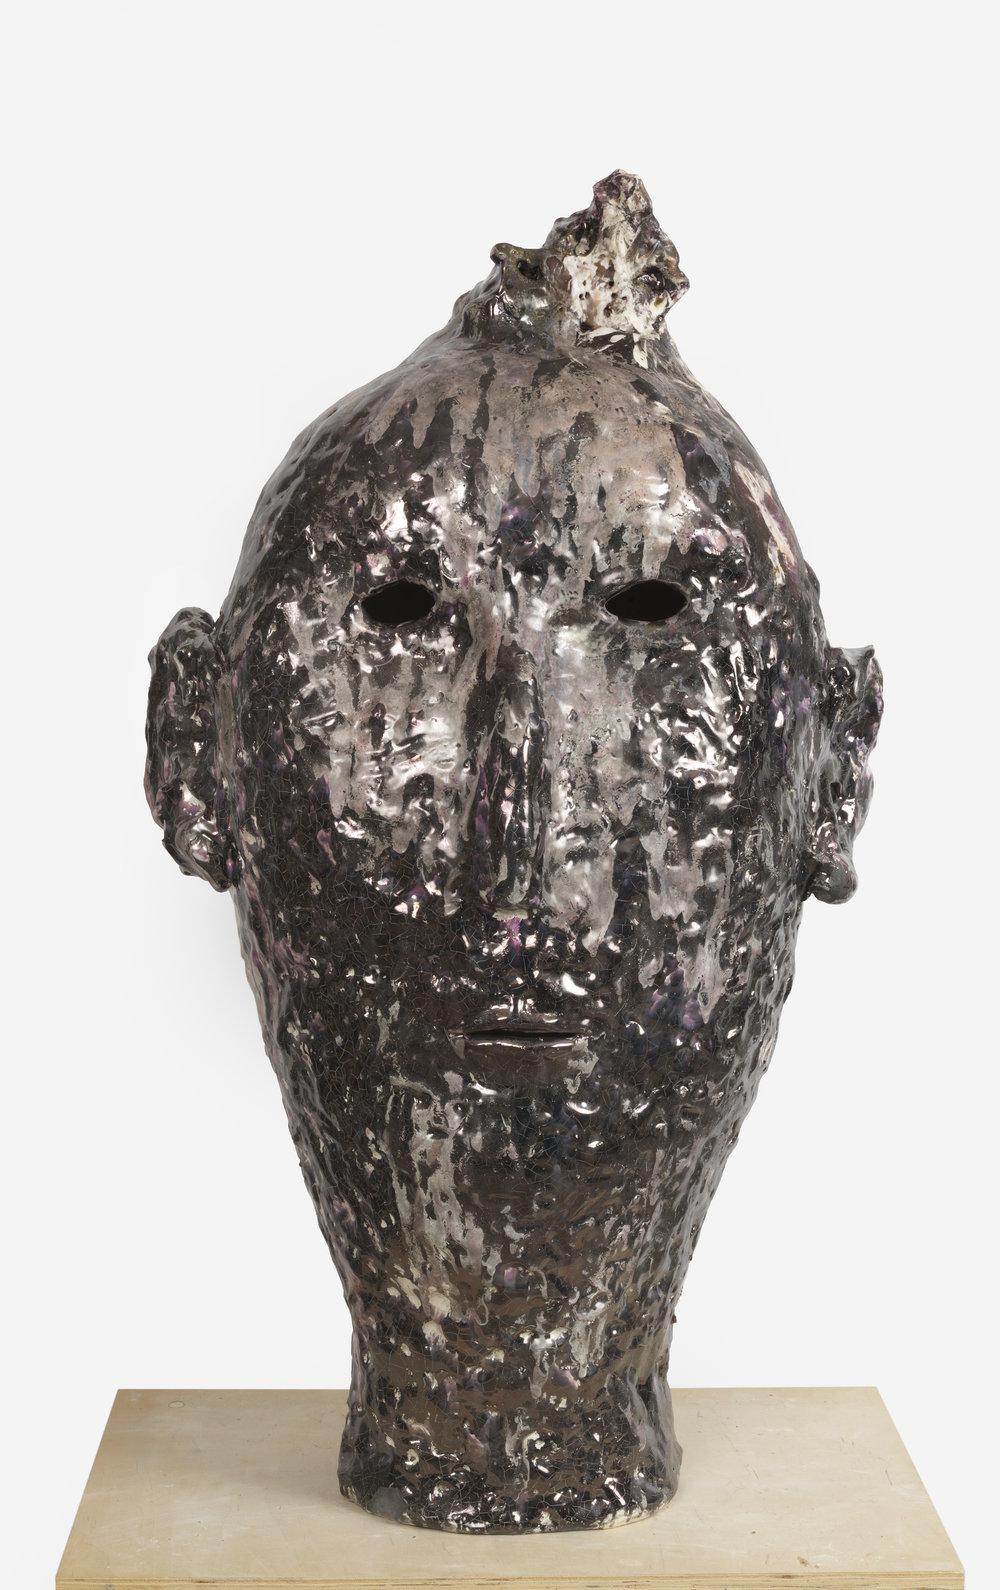 Head5 Cabeza negra 548, 010-3